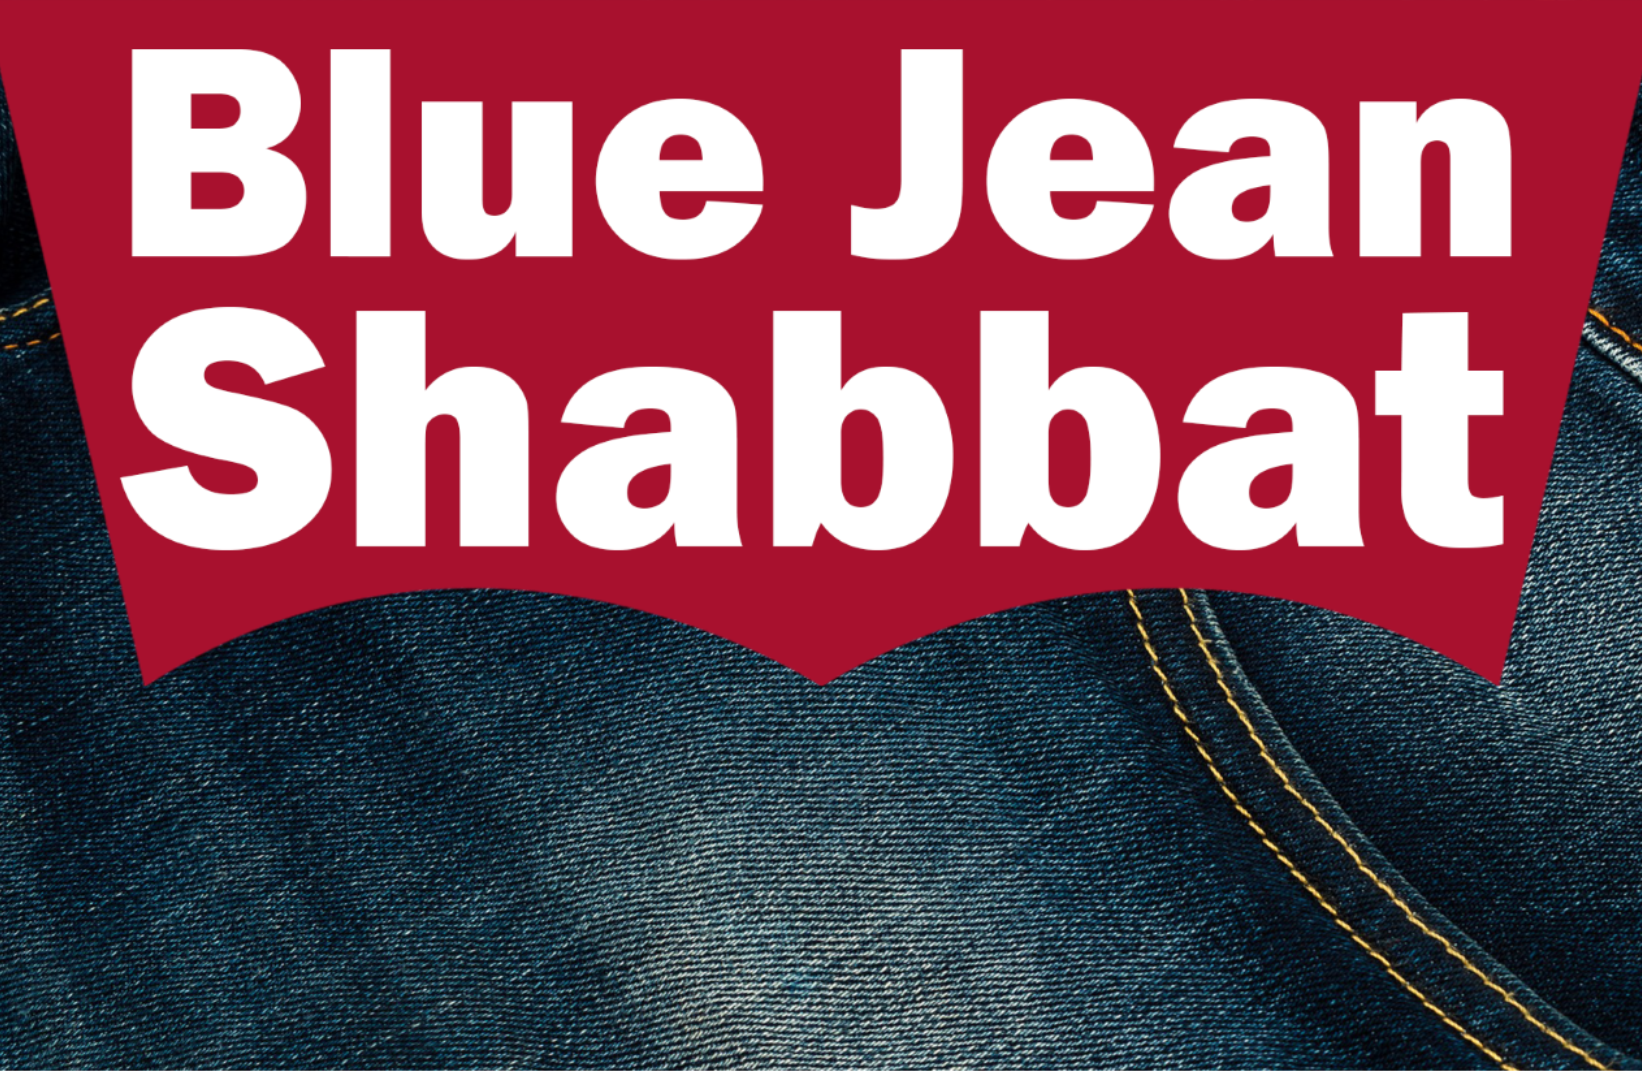 Blue Jean Shabbat